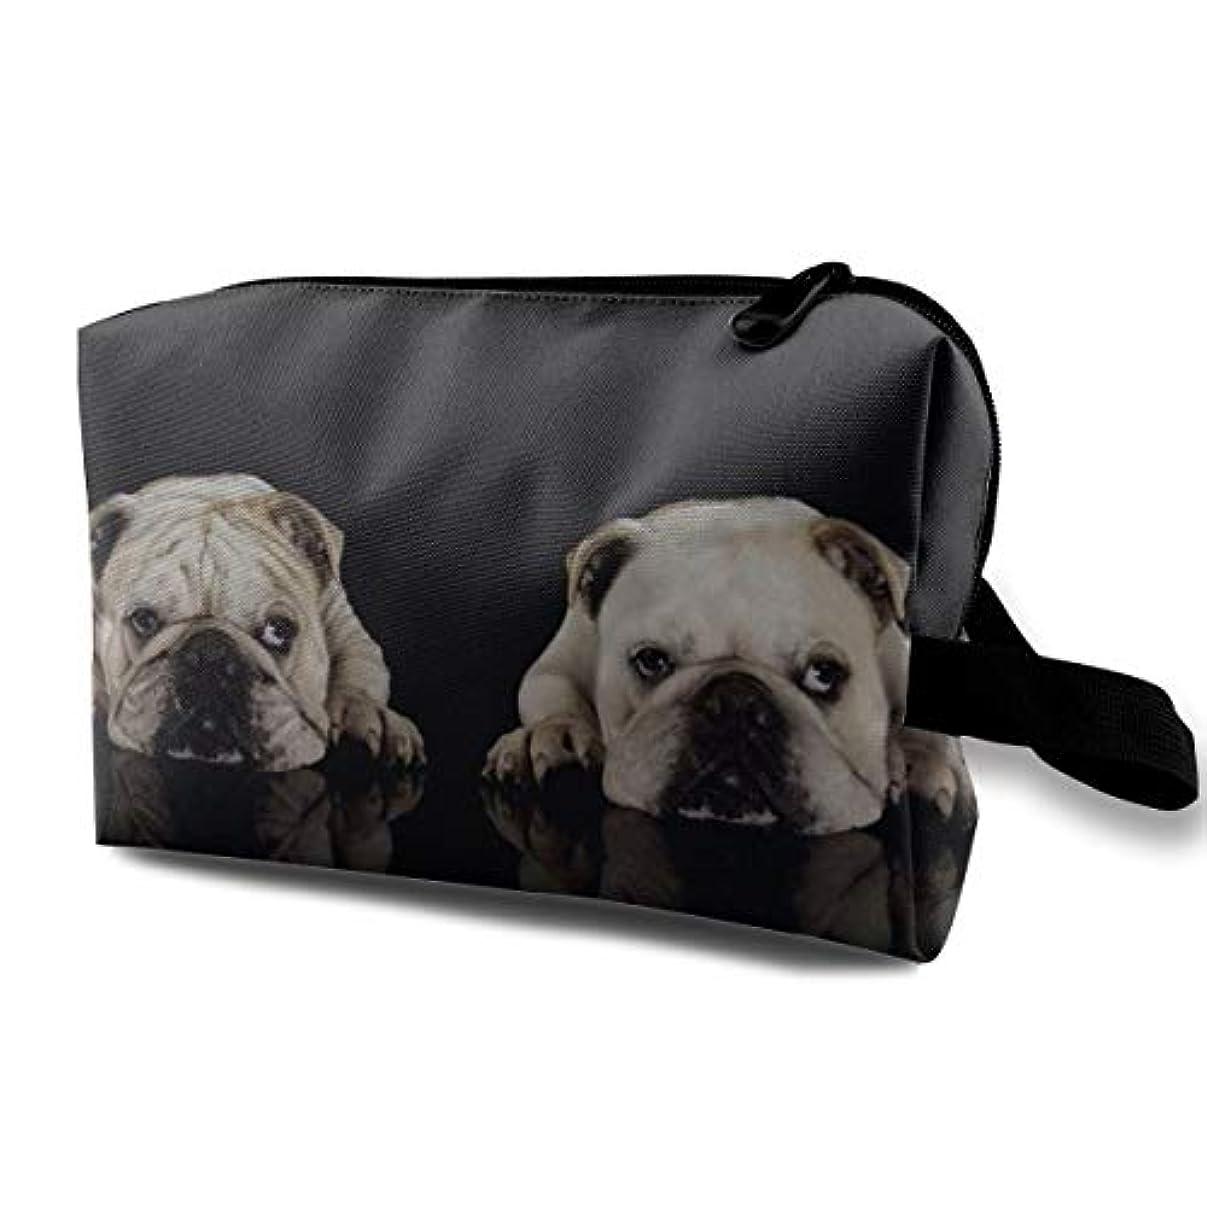 周術期水を飲む貼り直すTwo Cute Bull Dog 収納ポーチ 化粧ポーチ 大容量 軽量 耐久性 ハンドル付持ち運び便利。入れ 自宅?出張?旅行?アウトドア撮影などに対応。メンズ レディース トラベルグッズ